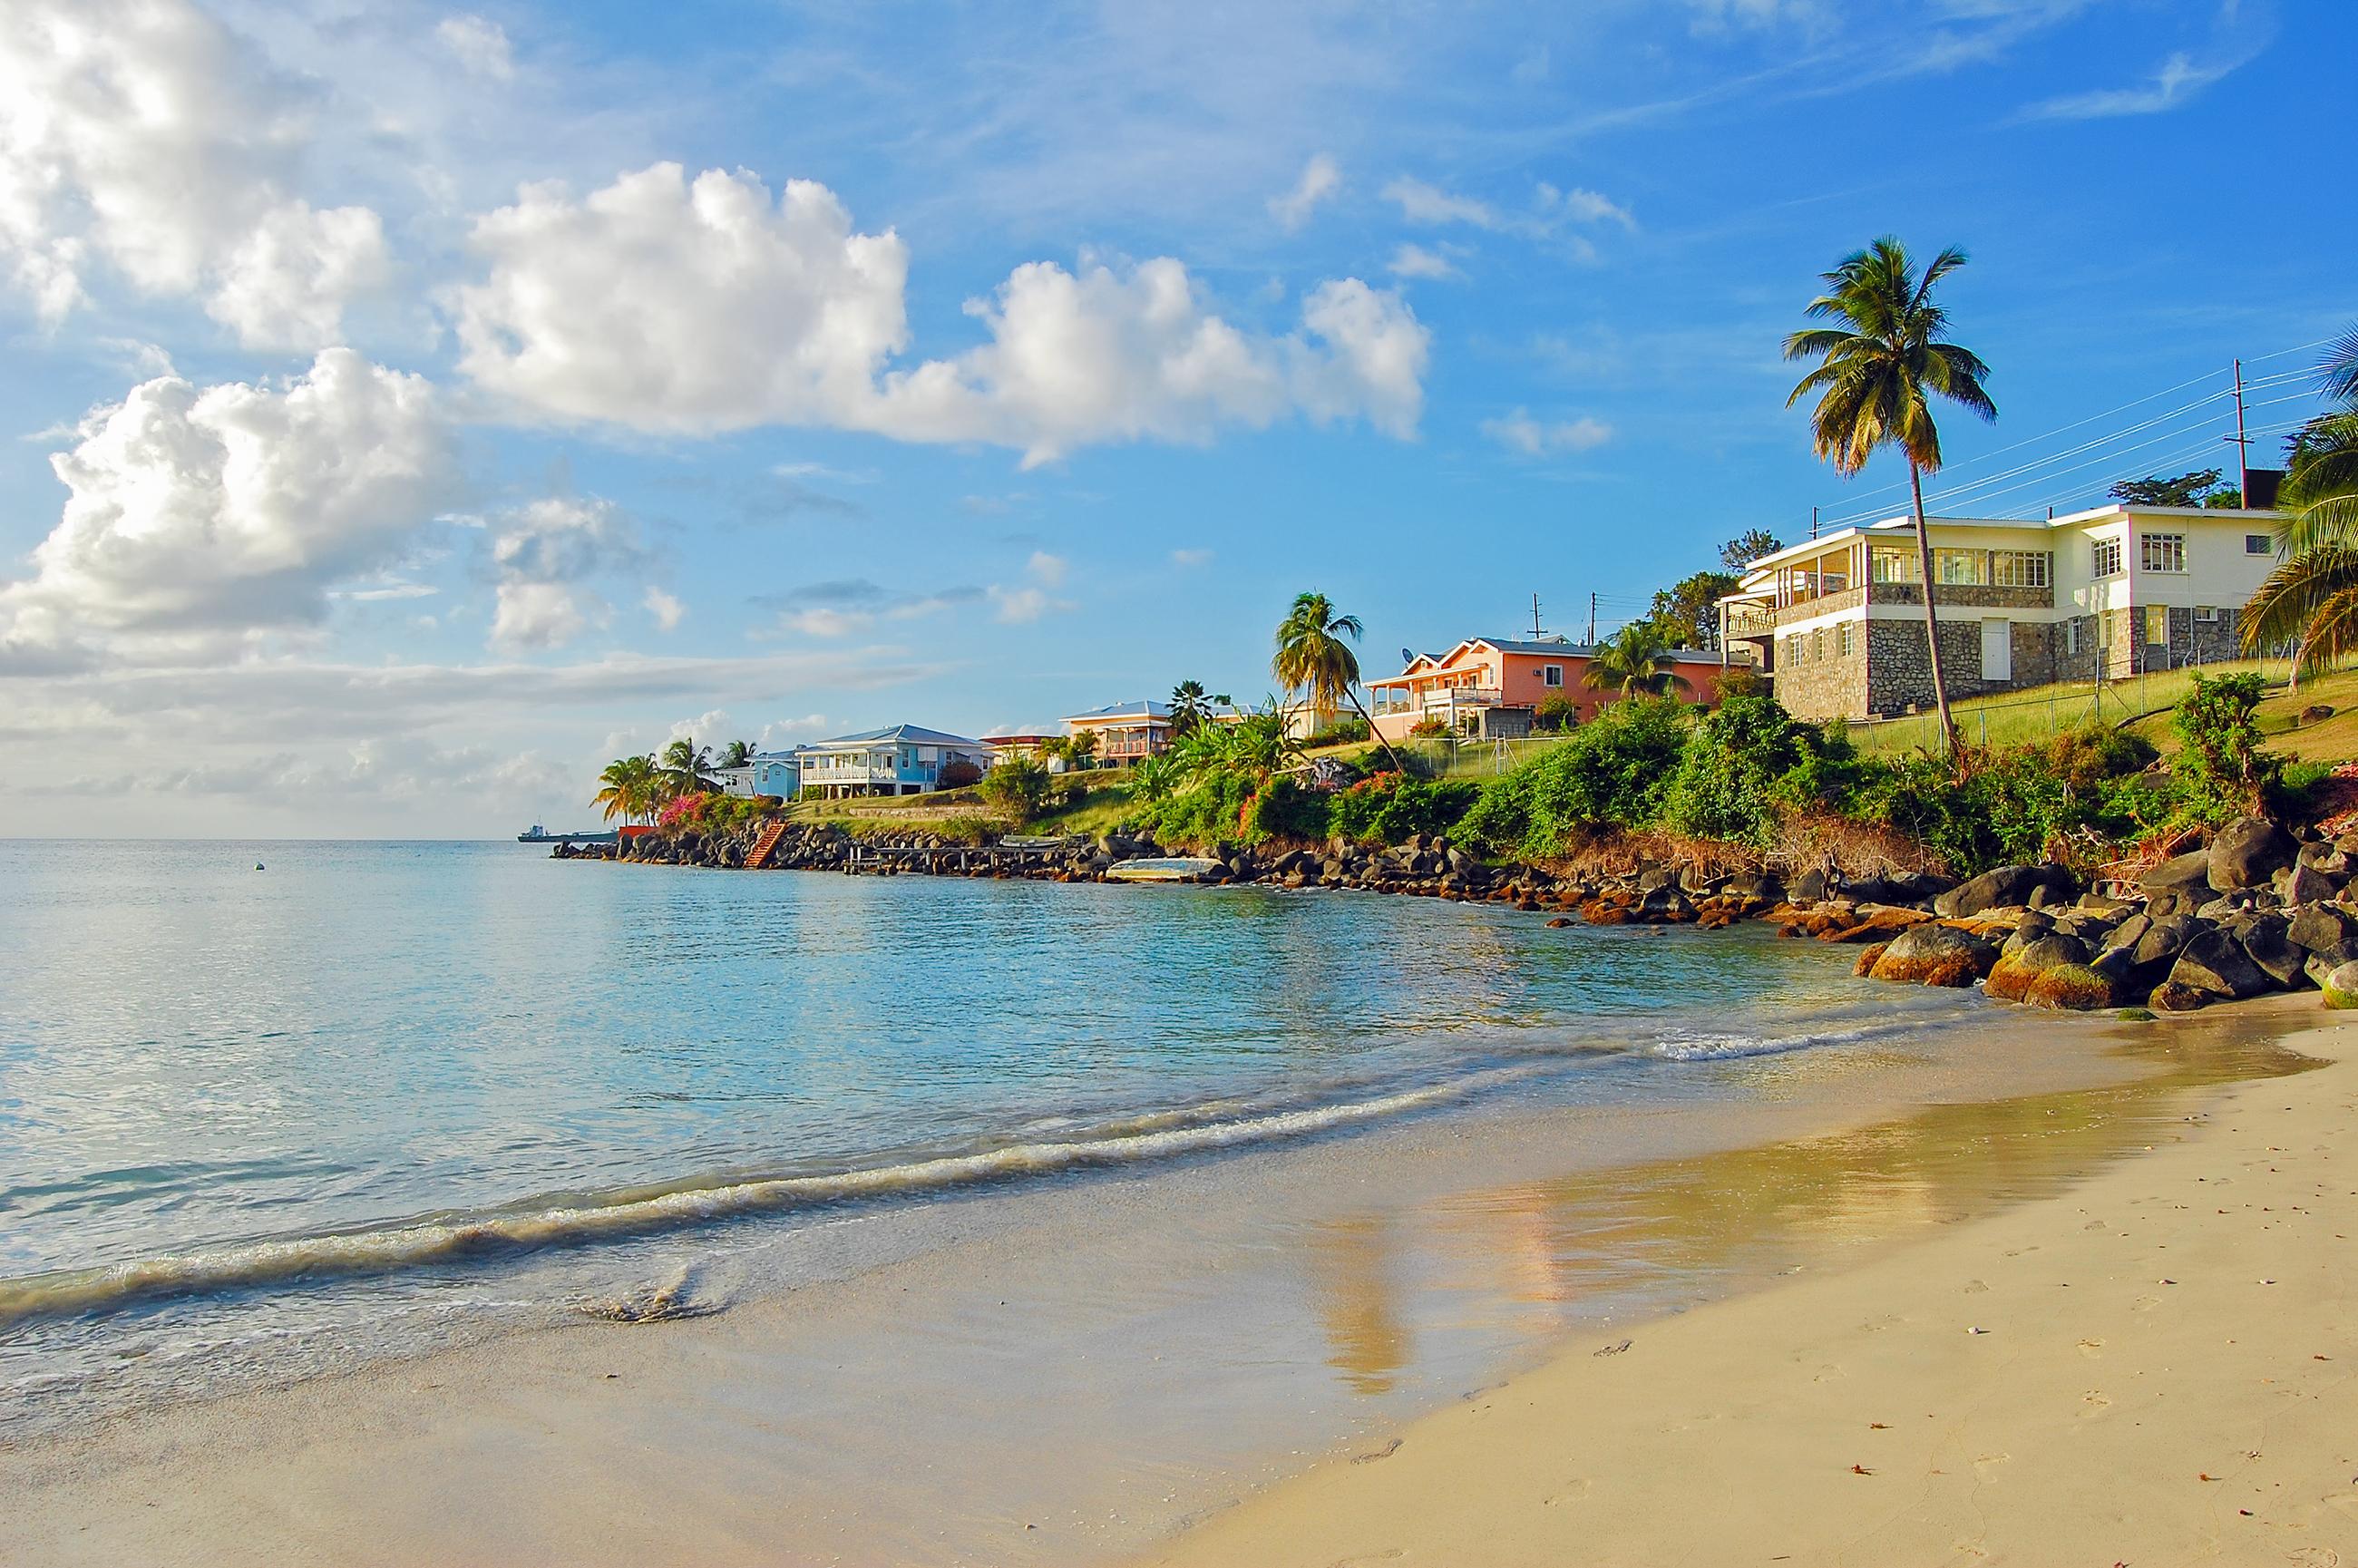 Ubicada en la nación isleña de Granada, Grand Anse Beach está adornada por su elemento cultural, ya que los viajeros notan que ninguna otra playa es más representativa del estilo de vida caribeño. Es cierto: la comida, la gente y la energía es todo lo que cualquiera desea experimentar en unas vacaciones perfectas en el Caribe